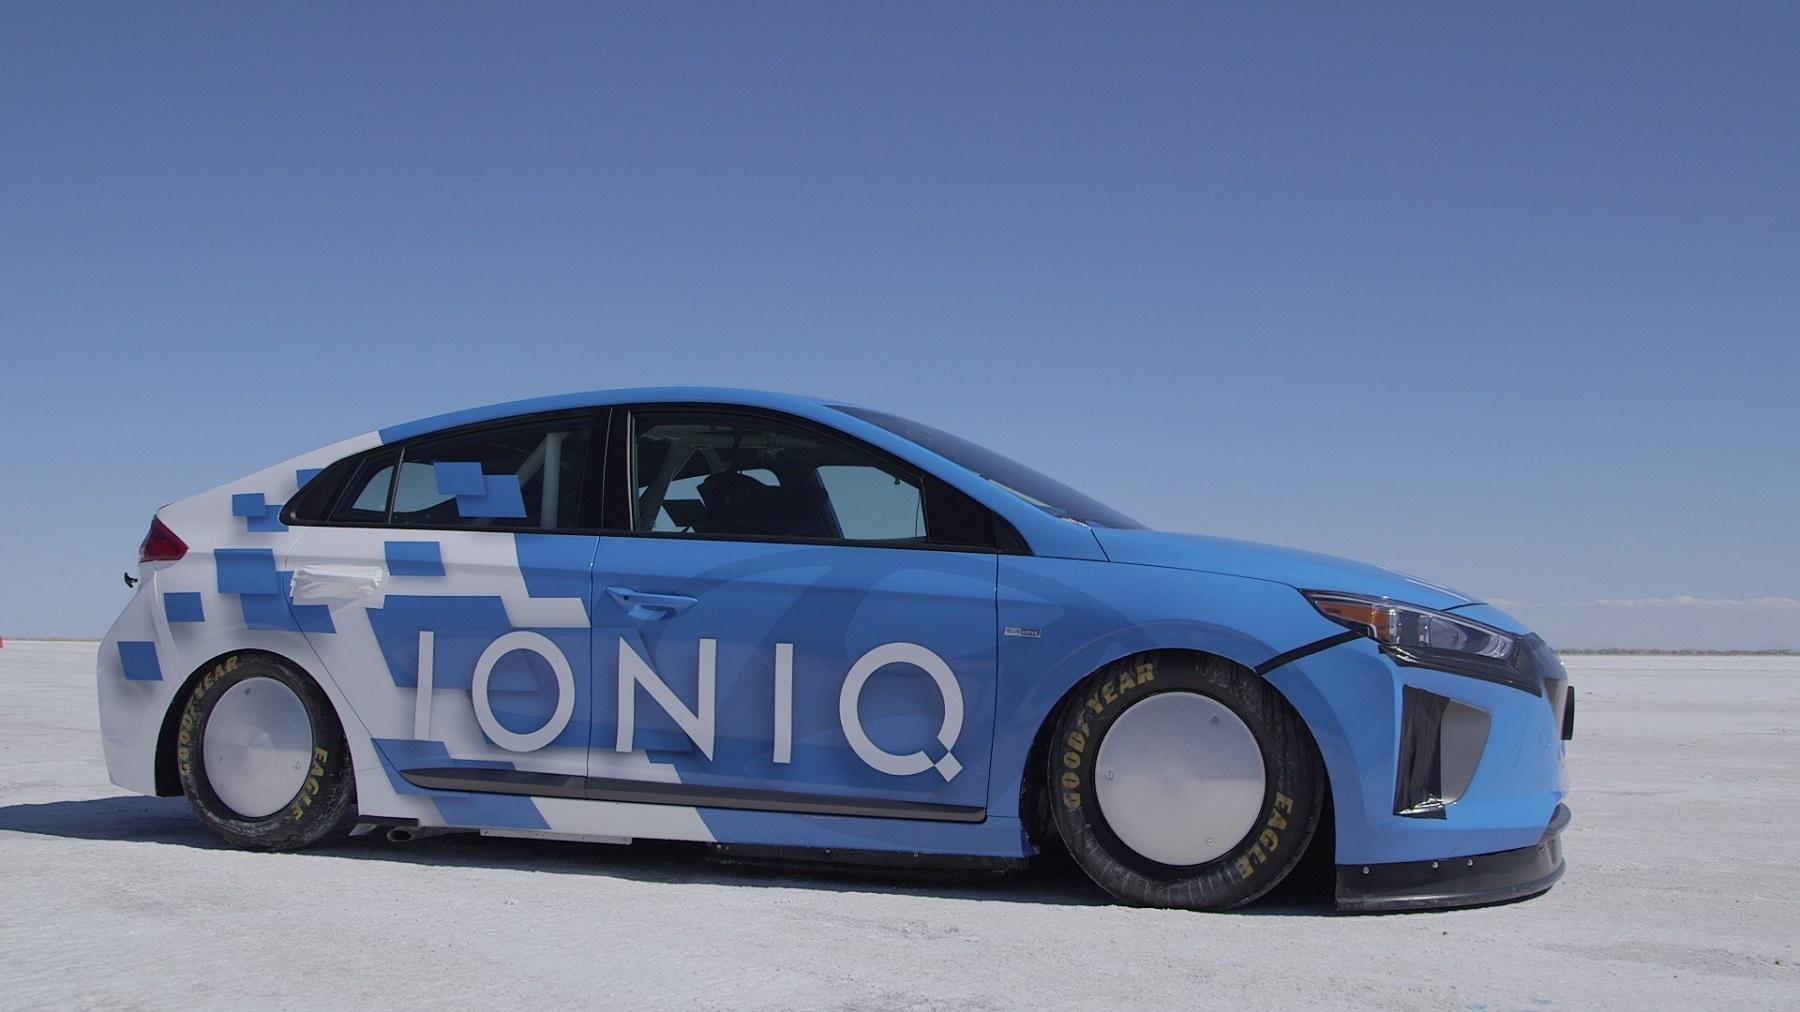 Eco-Tech Choices in Hyundai Ioniq - Tech Out My New Car - - GrooveCar